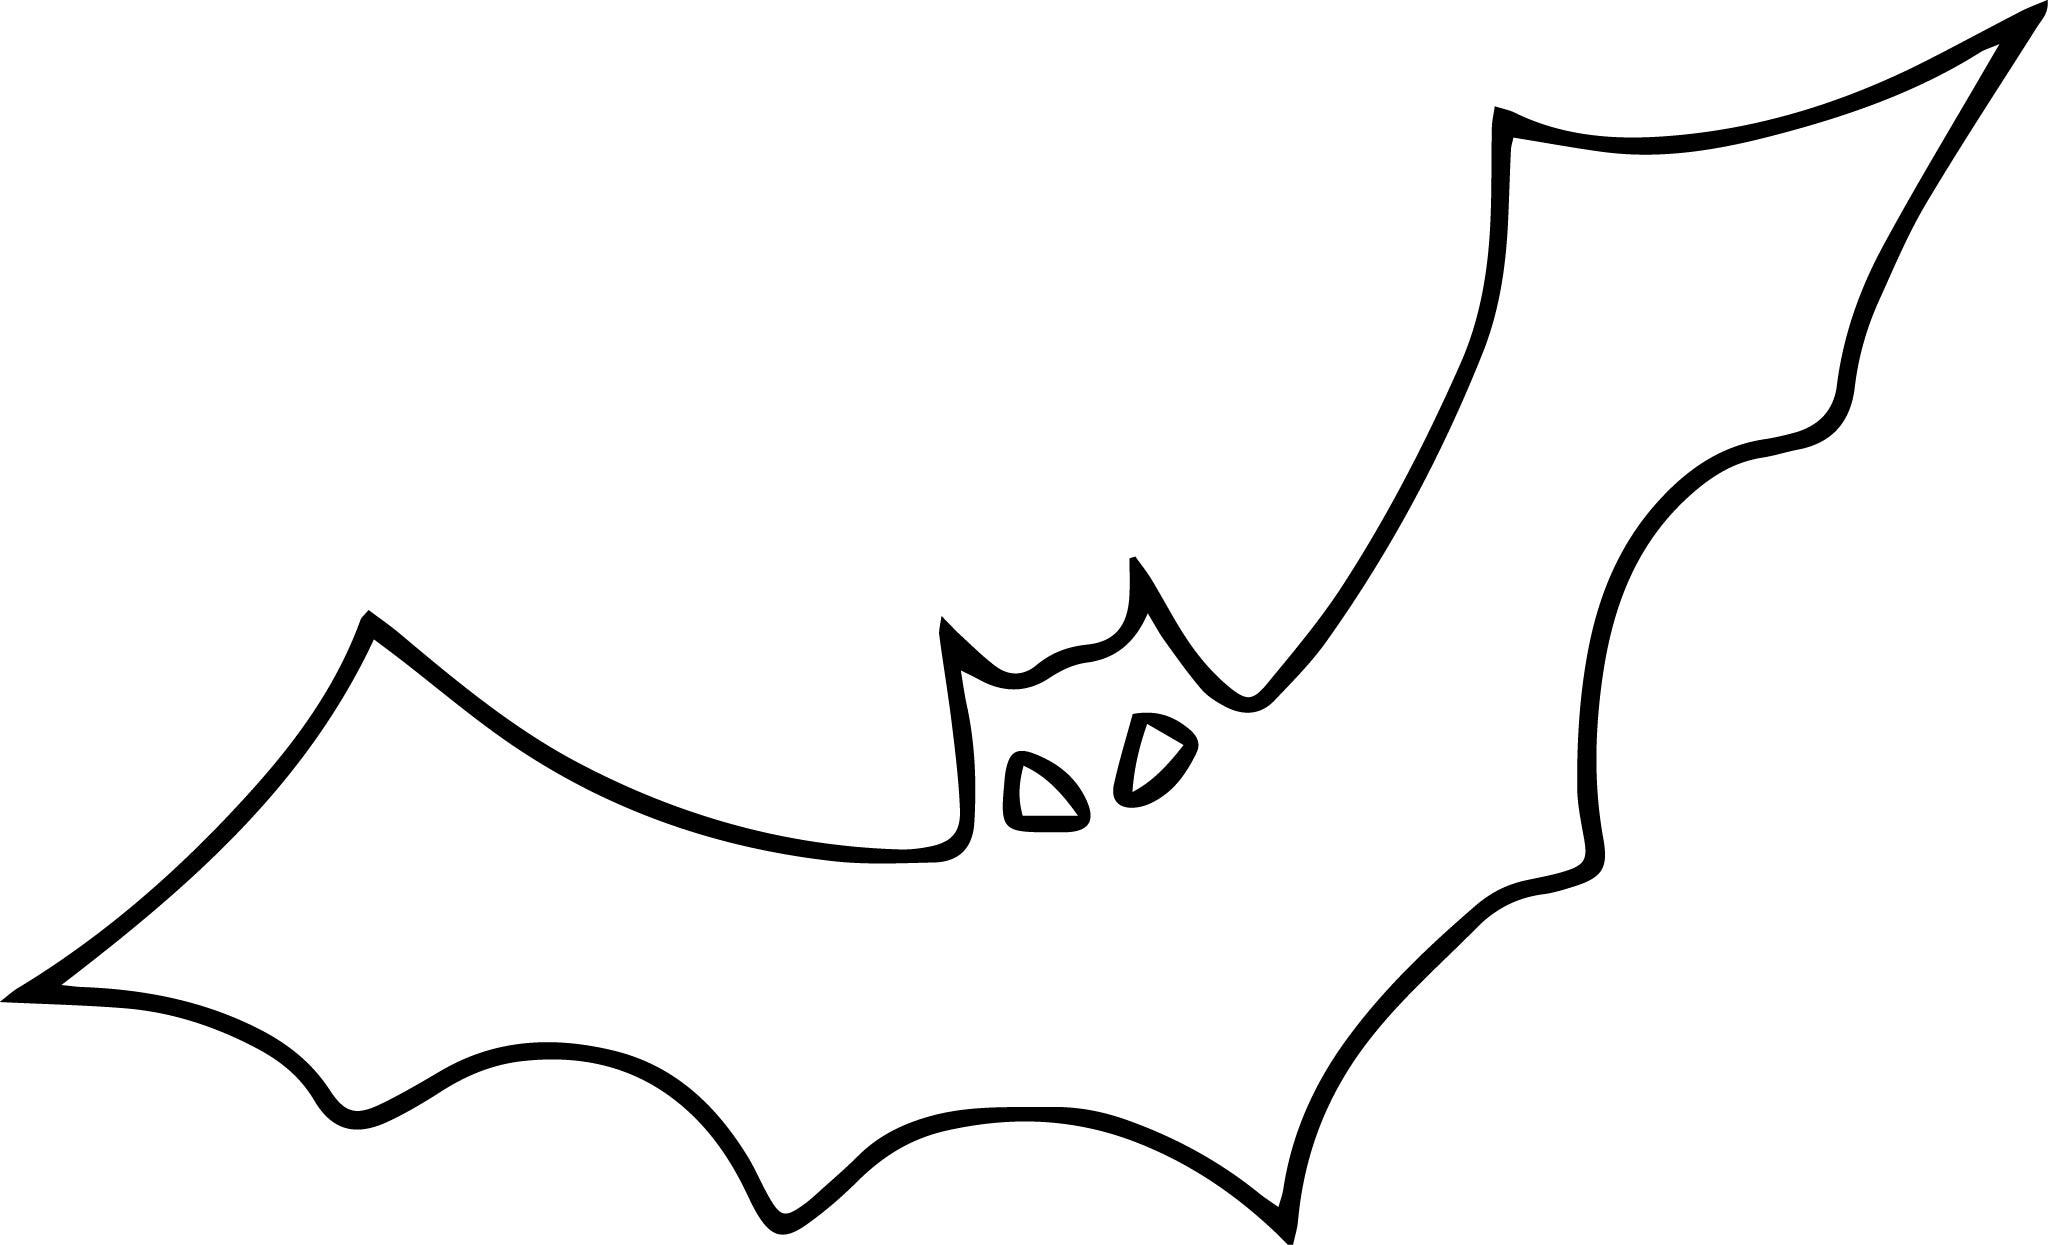 Bat Clipart Outline